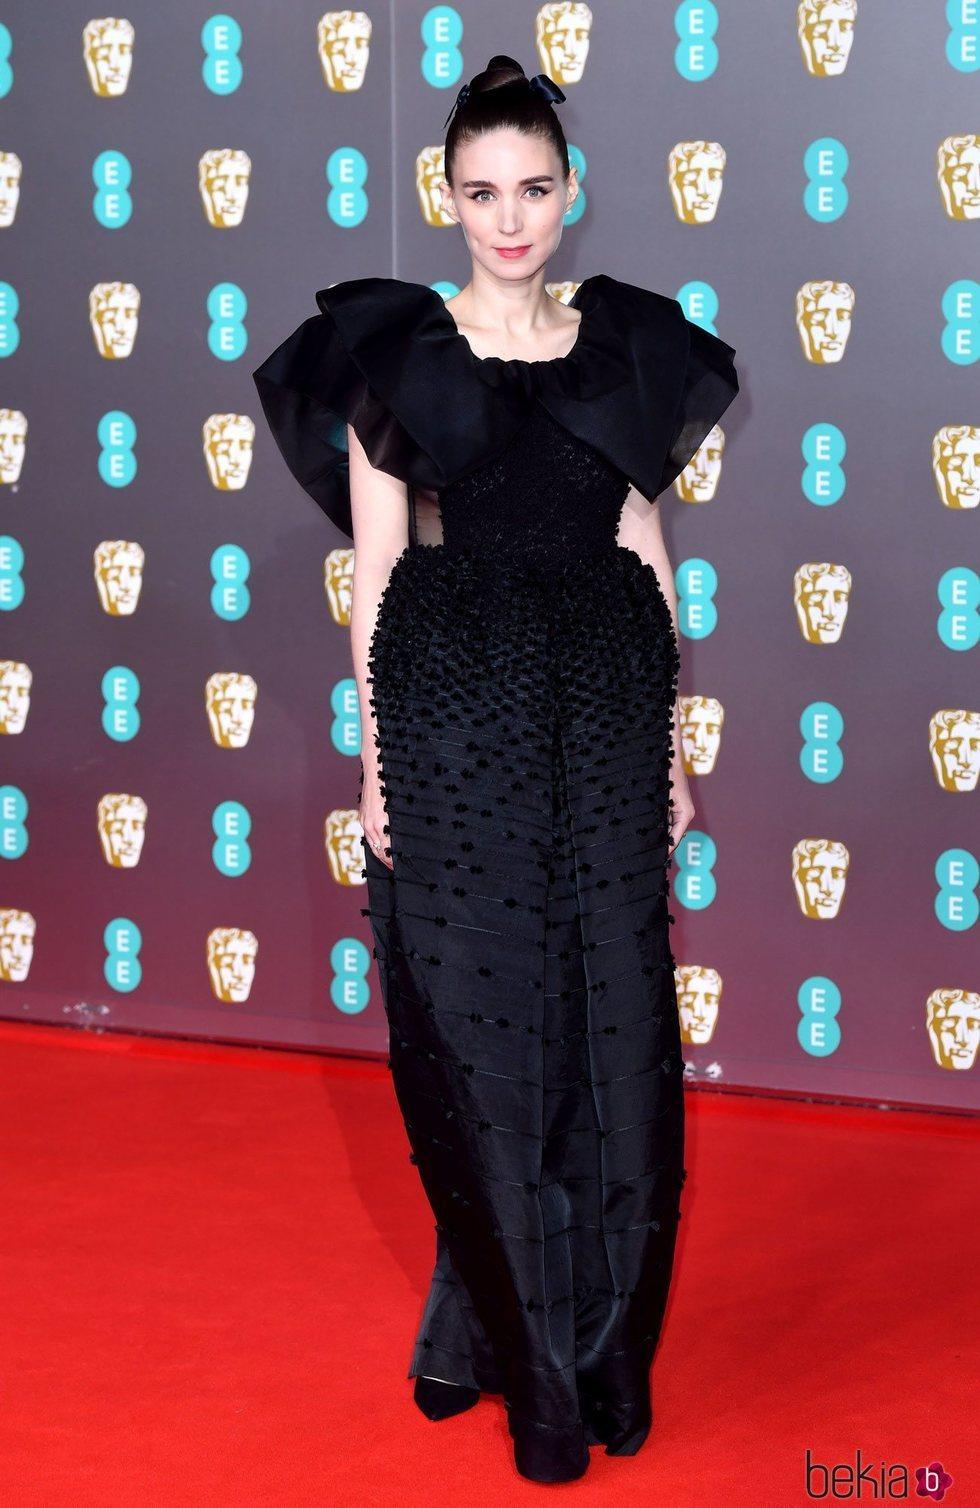 Rooney Mara en la alfombra roja de los Premios BAFTA 2020